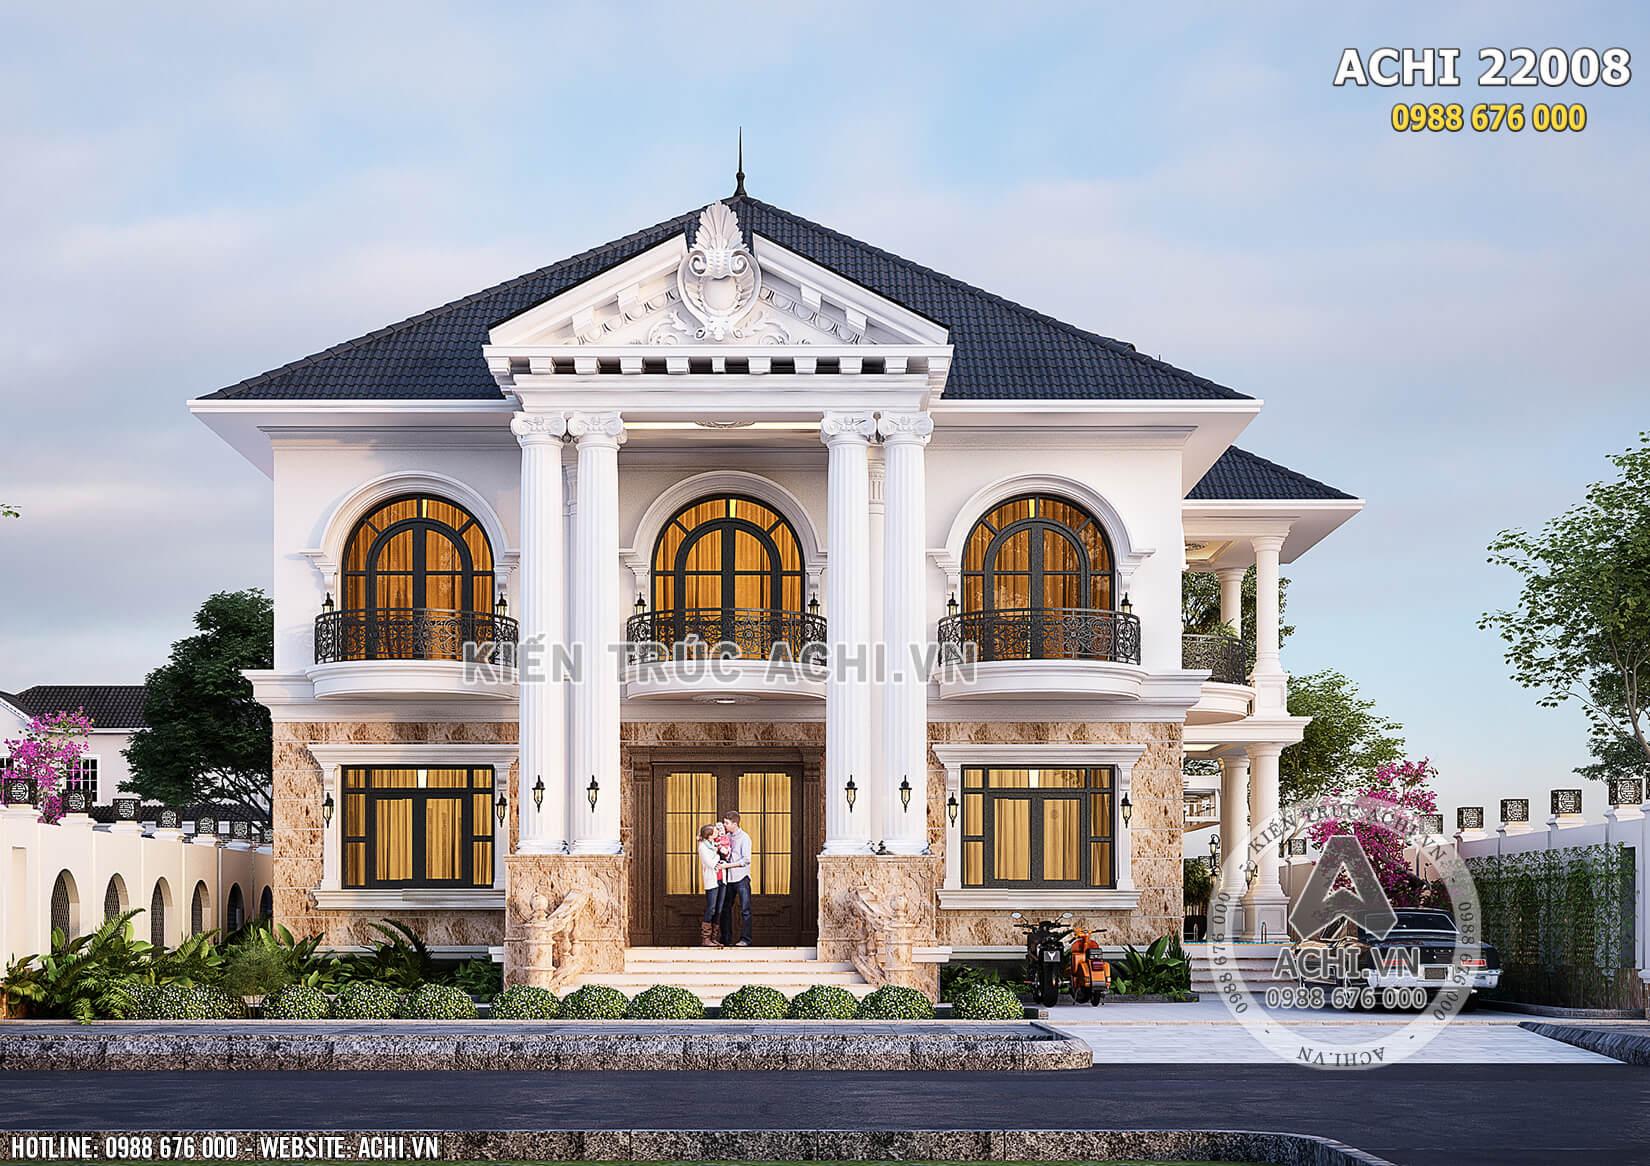 Không gian mặt tiền biệt thự 2 tầng kiến trúc Pháp tân cổ điển tại Quảng Bình